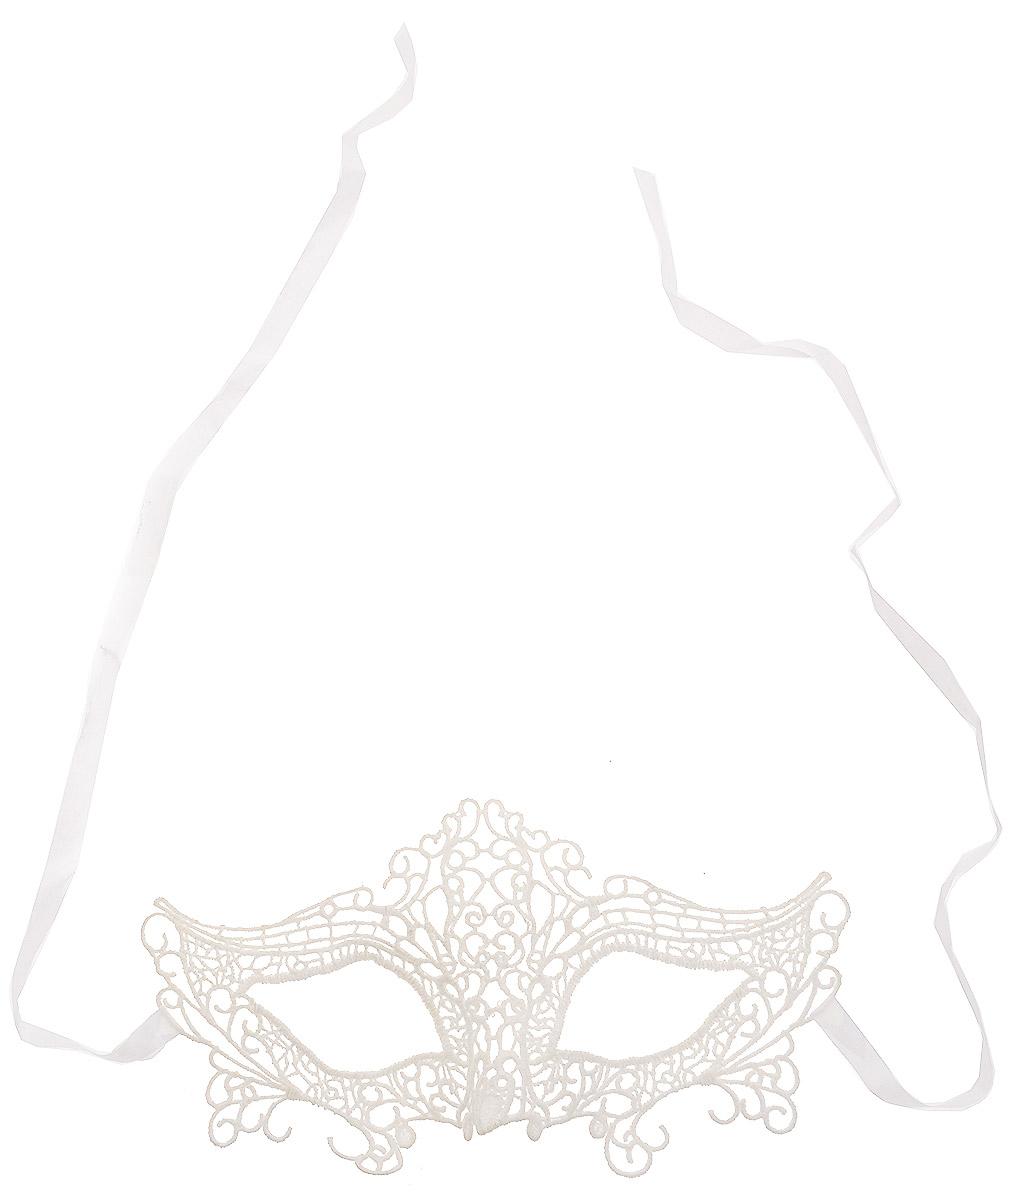 Partymania Карнавальная маска Кружево цвет белый T1228_3T1228_3_белыйМаска Partymania Кружево оживит любой праздник и не позволит вам заскучать. Маска выполнена в белом цвете из плотного качественного кружева ручной работы. Маска закрывает верхнюю половину лица. Изделие завязывается на ленточки, поэтому легко подогнать под нужный размер. Маска карнавальная Кружево является отличным решением для карнавалов, детских утренников и просто праздников.